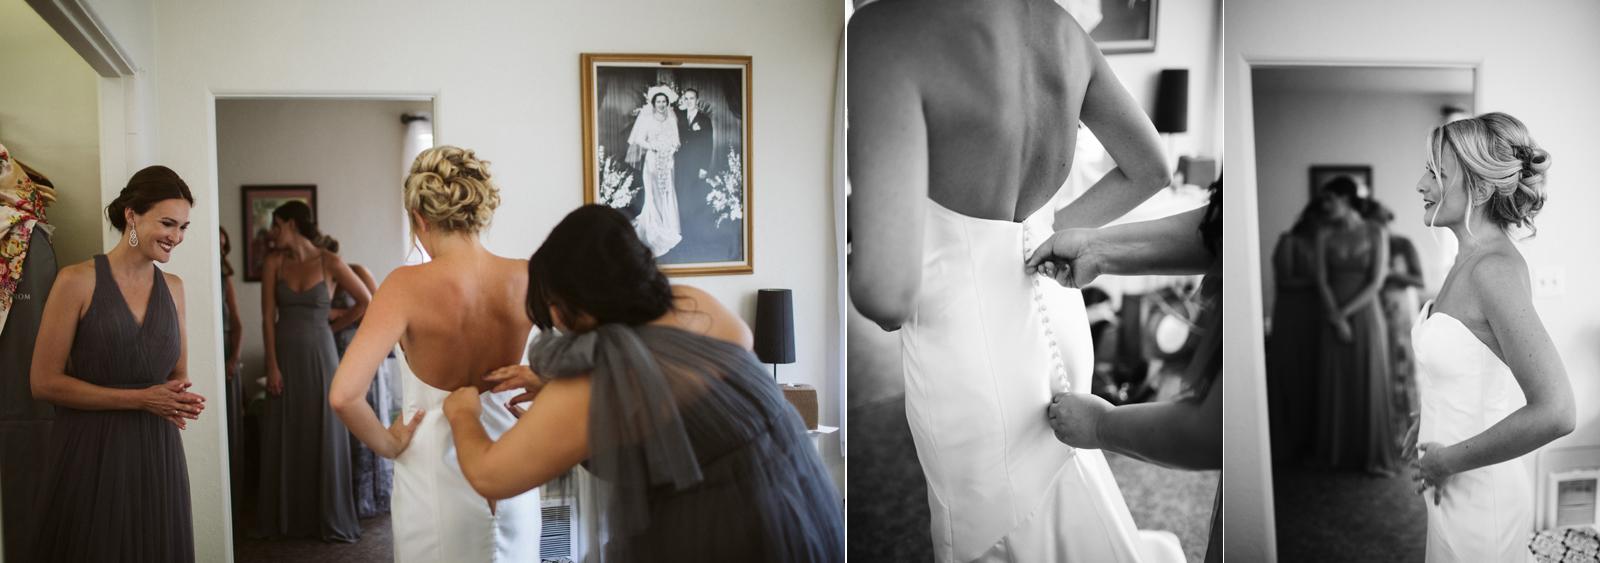 011-daronjackson-gabby-alec-wedding.jpg